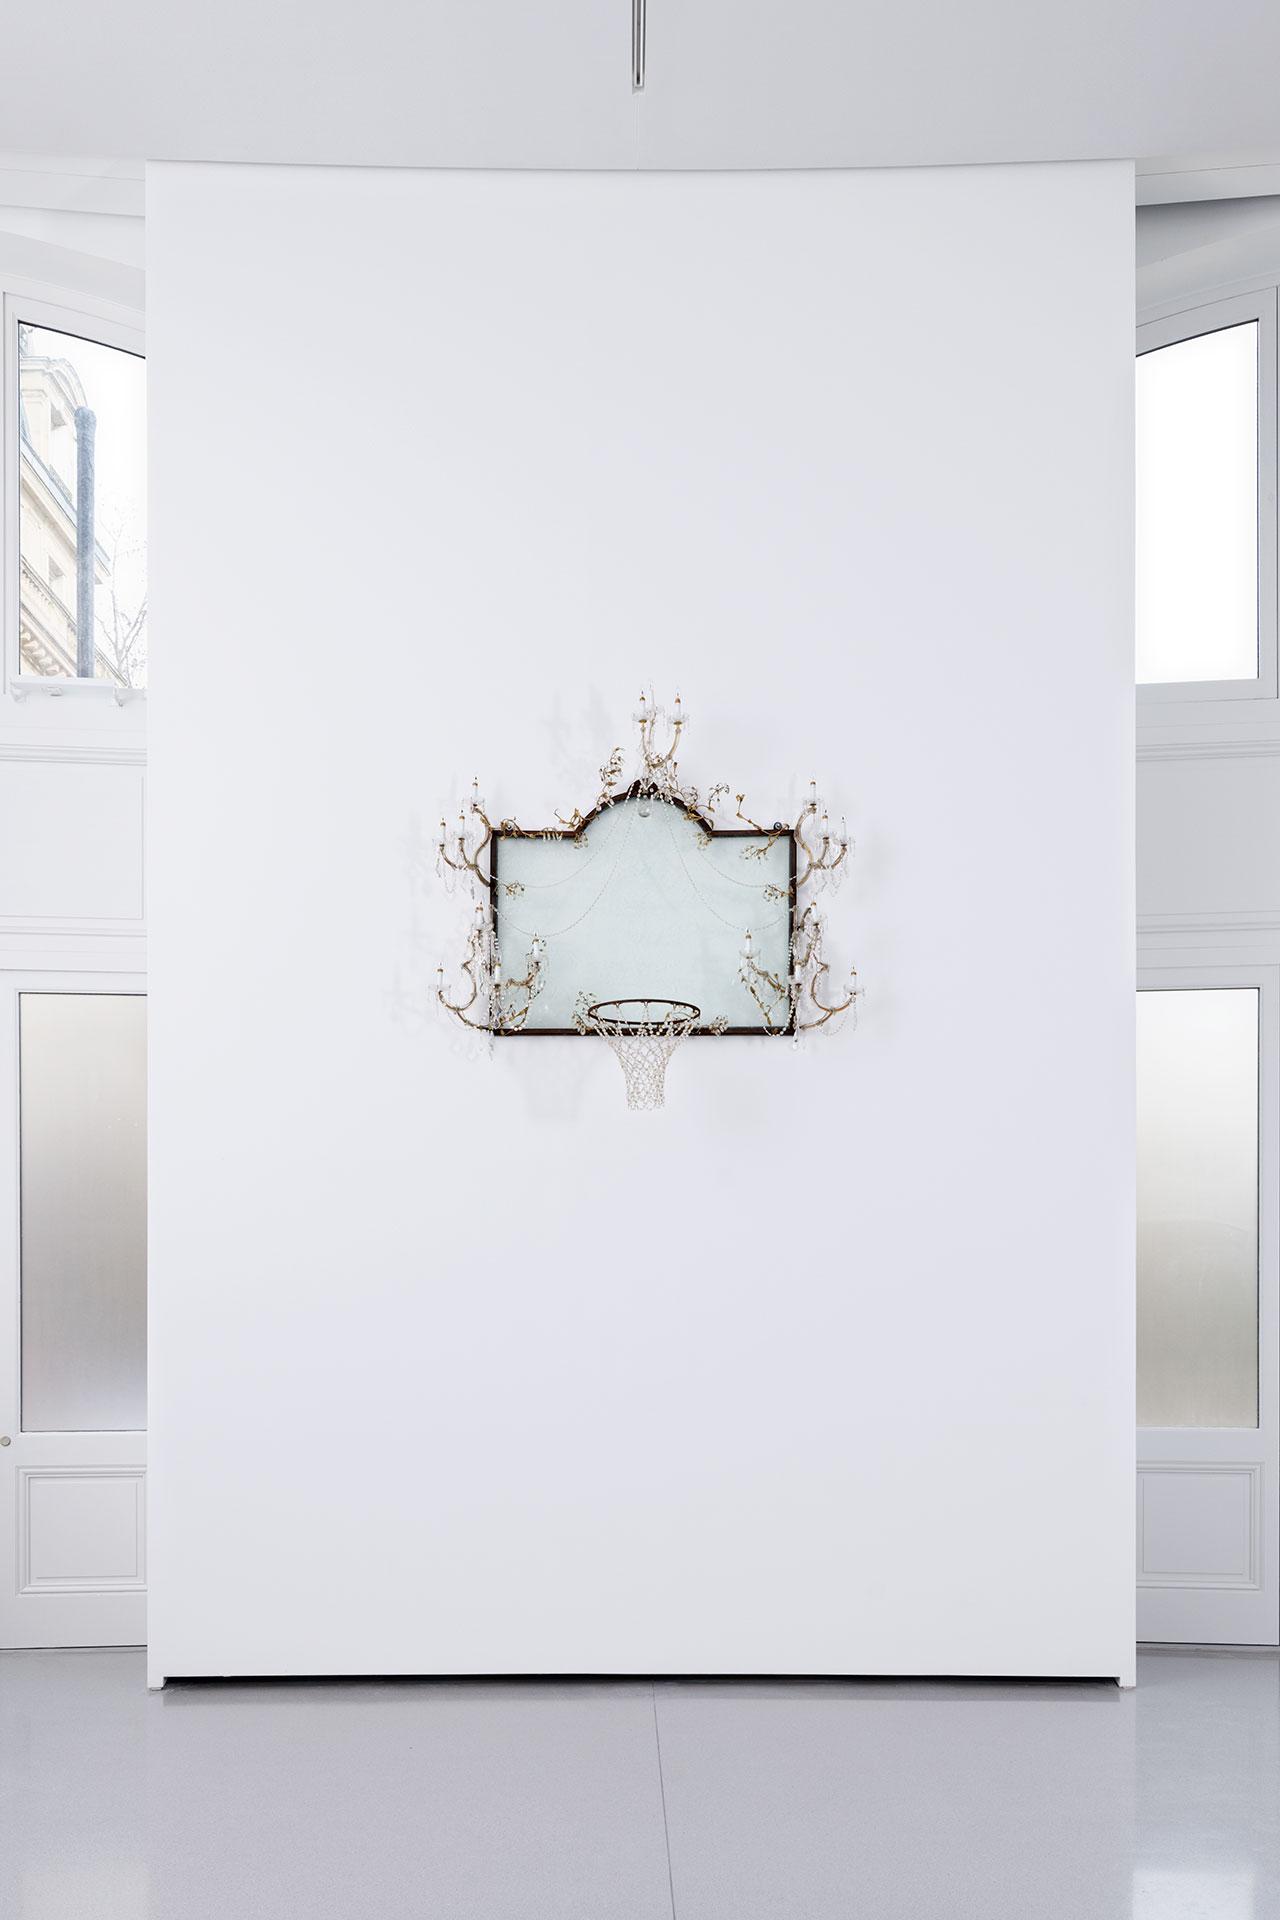 David Hammons, Untitled, 2000. © David Hammons. Exhibition views of Ouverture, Bourse de Commerce — Pinault Collection, Paris, 2021. Photo Aurélien Mole